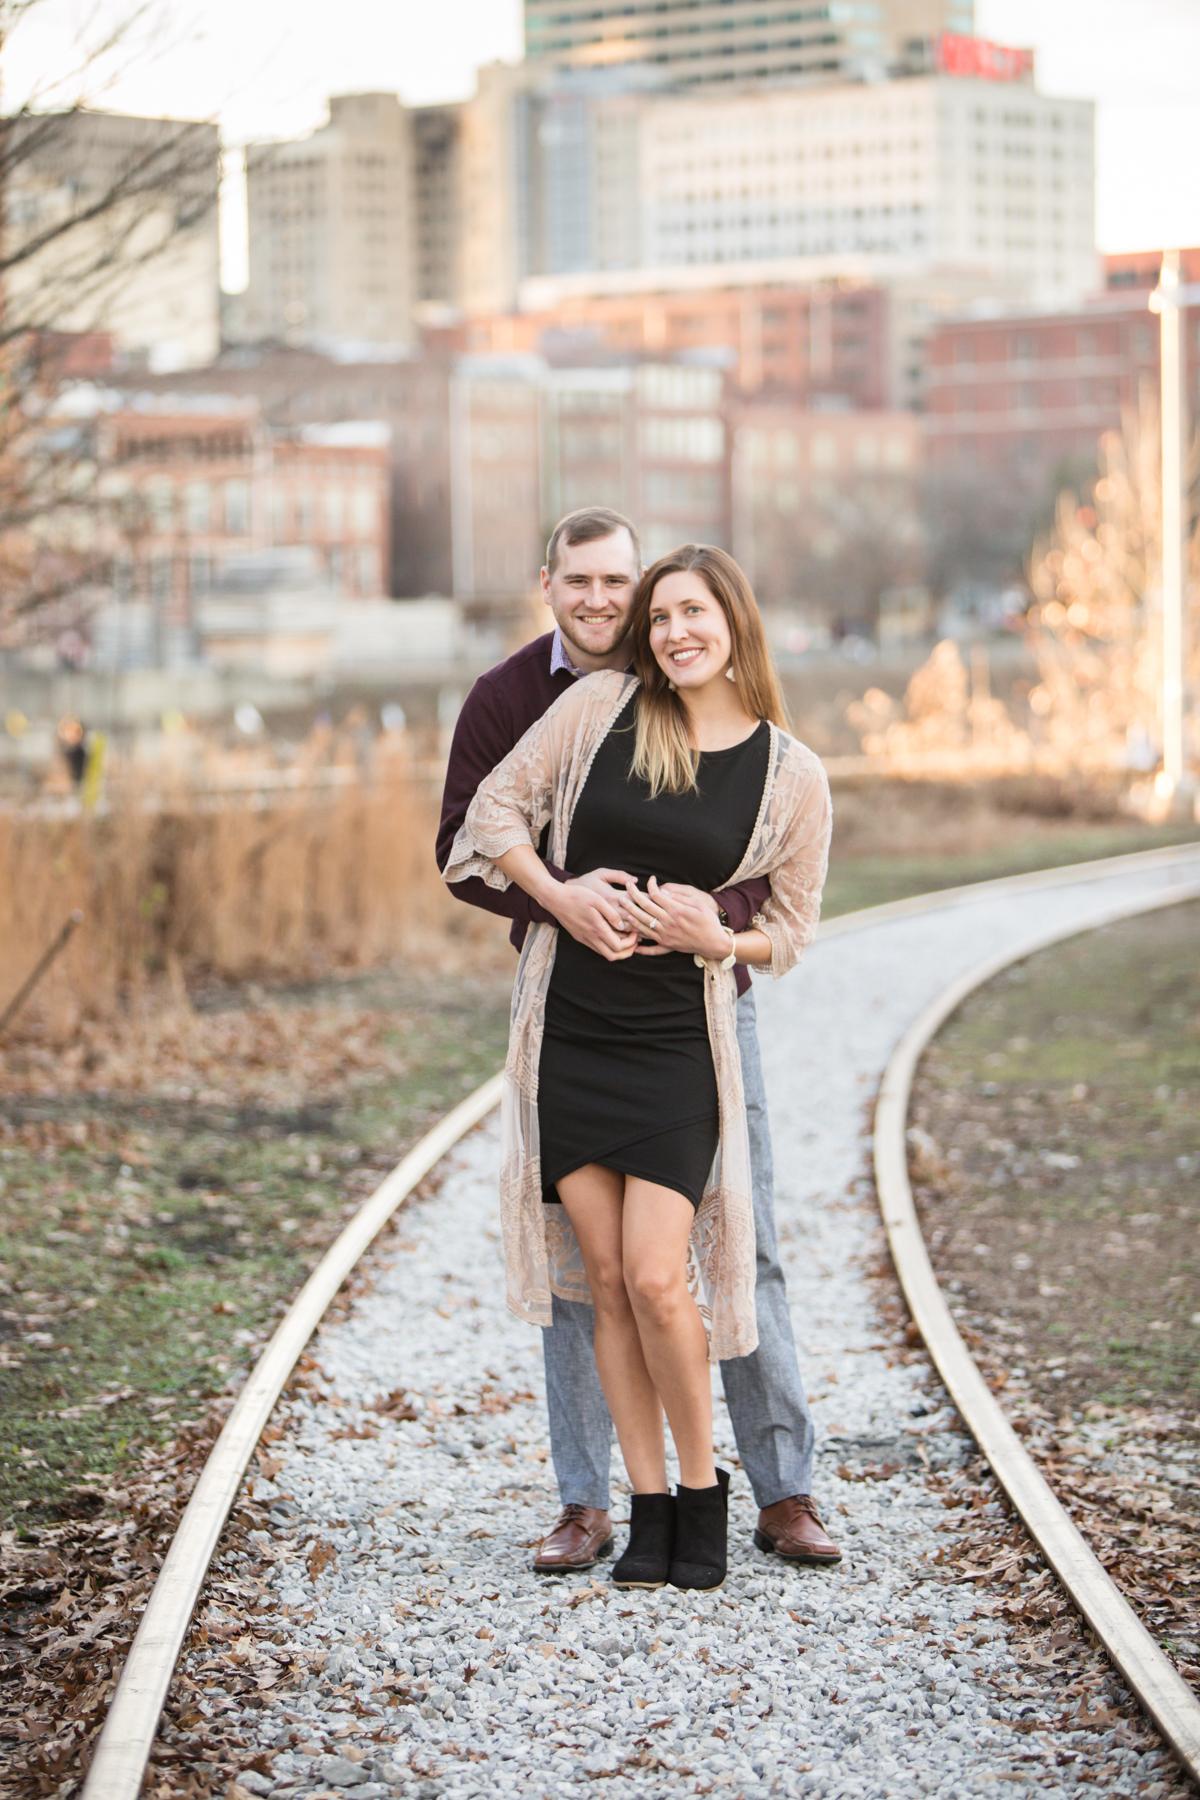 Lauren-and-Grant-Engagement-Centennial-Park-Nashville-Sneak-Peak-0044.jpg